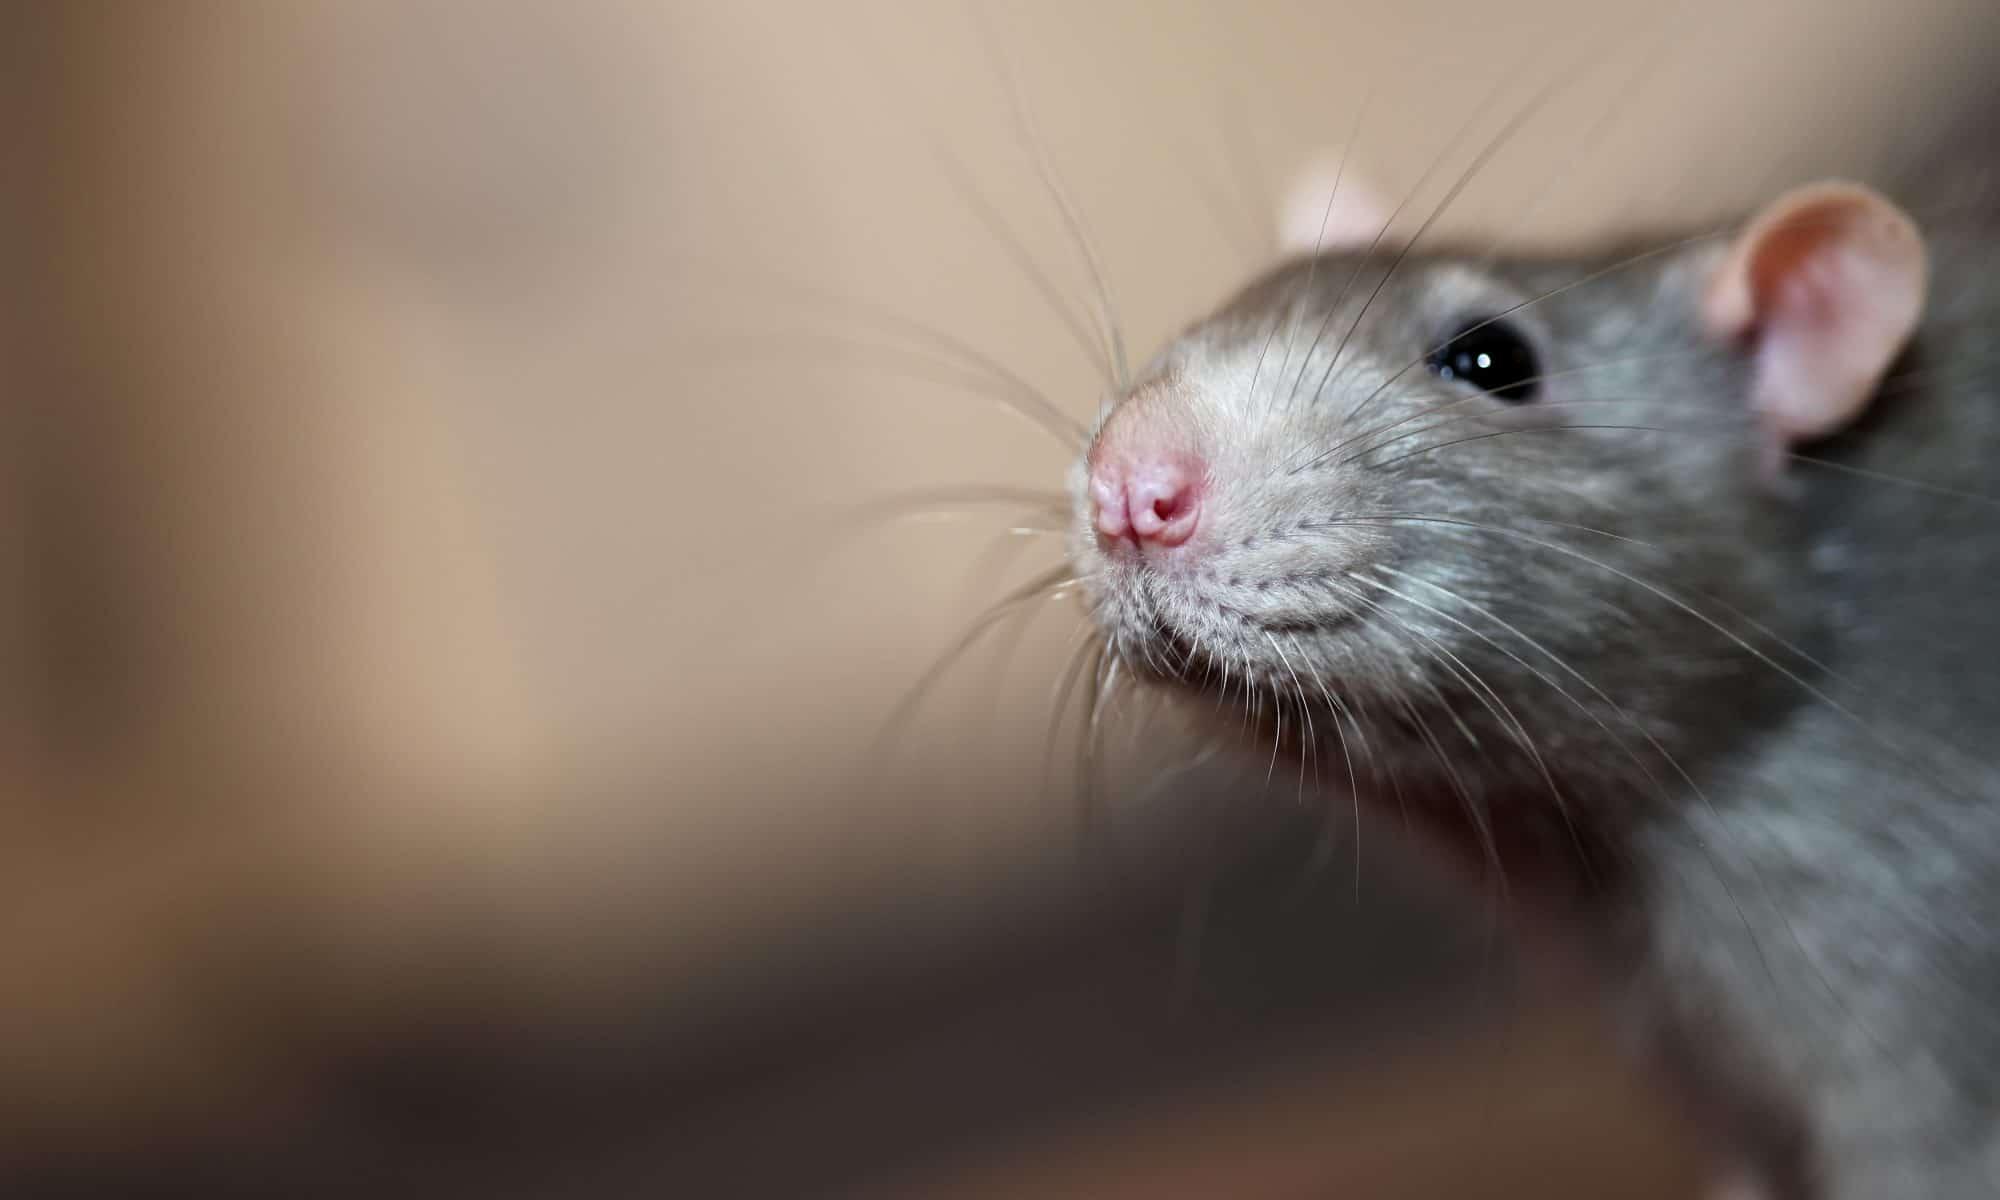 Portrait of domestic mouse